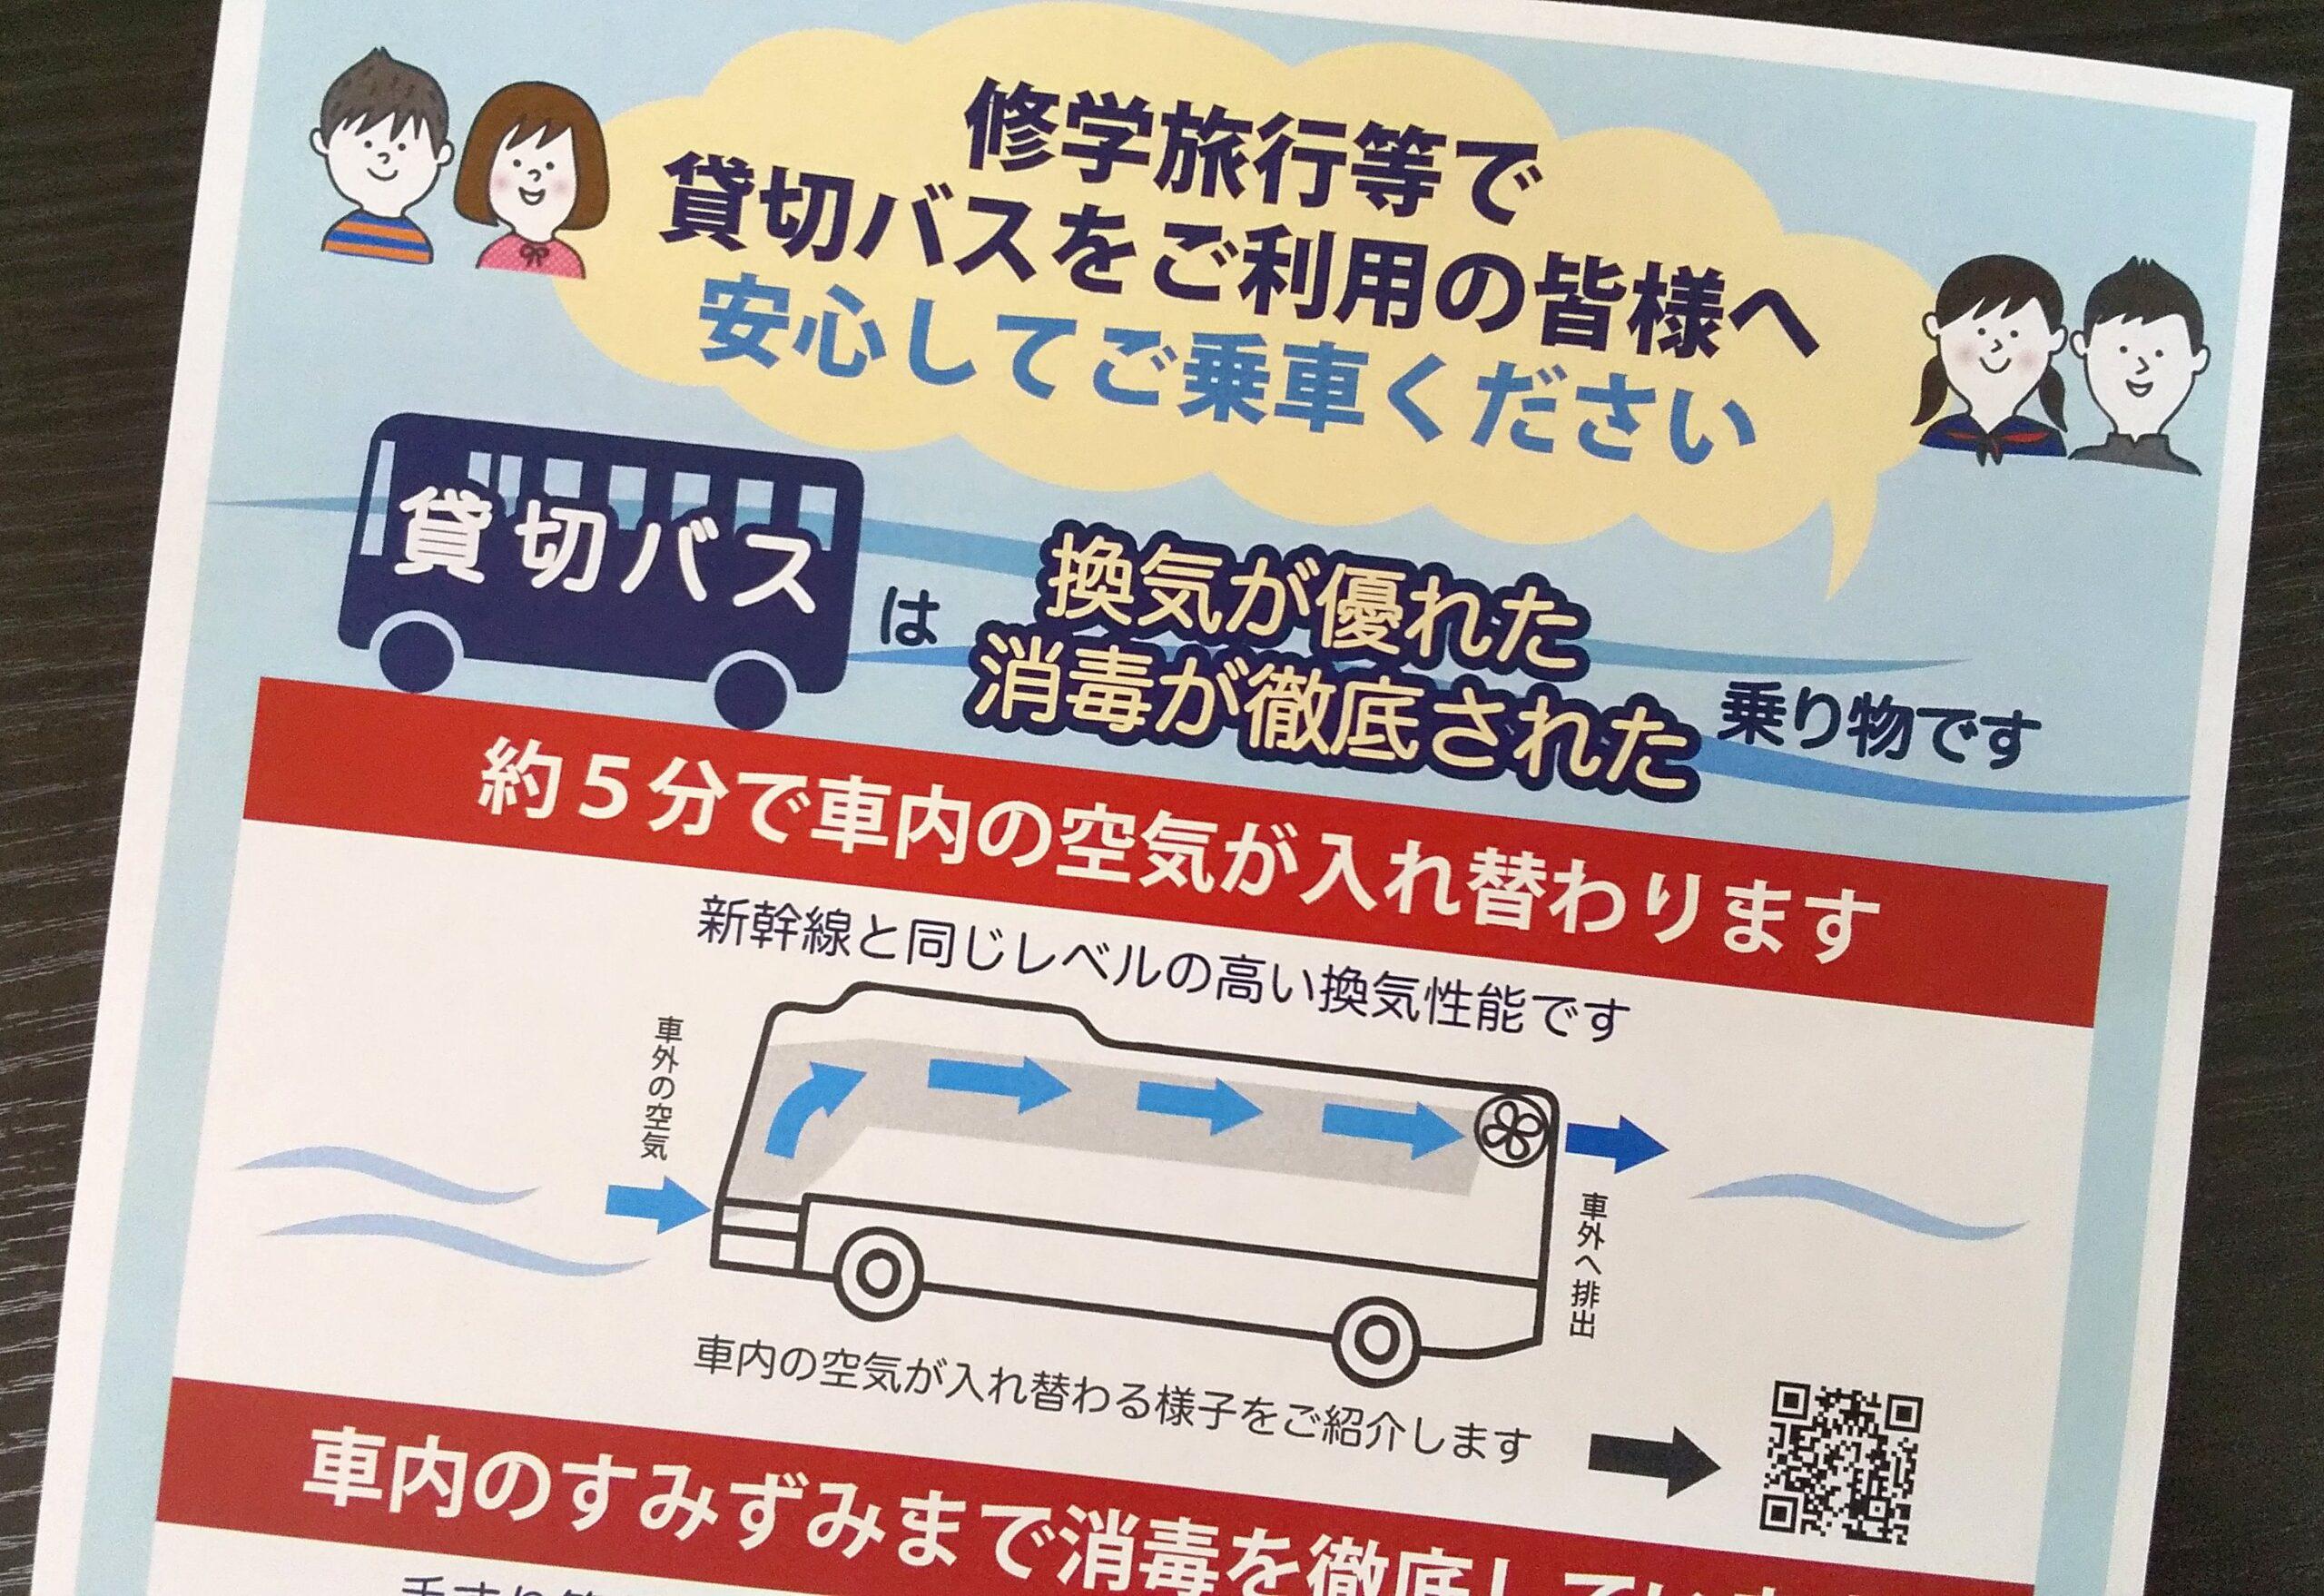 バスは換気に優れた乗り物です